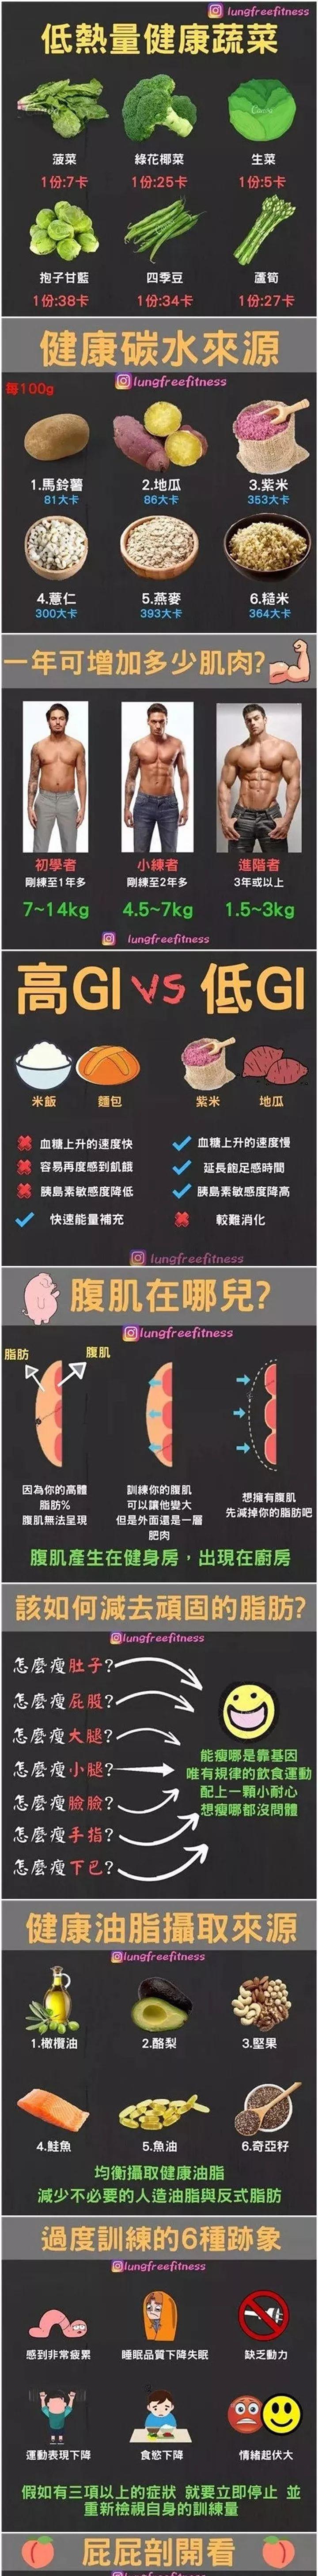 健身知识科普 by lungfreefitness